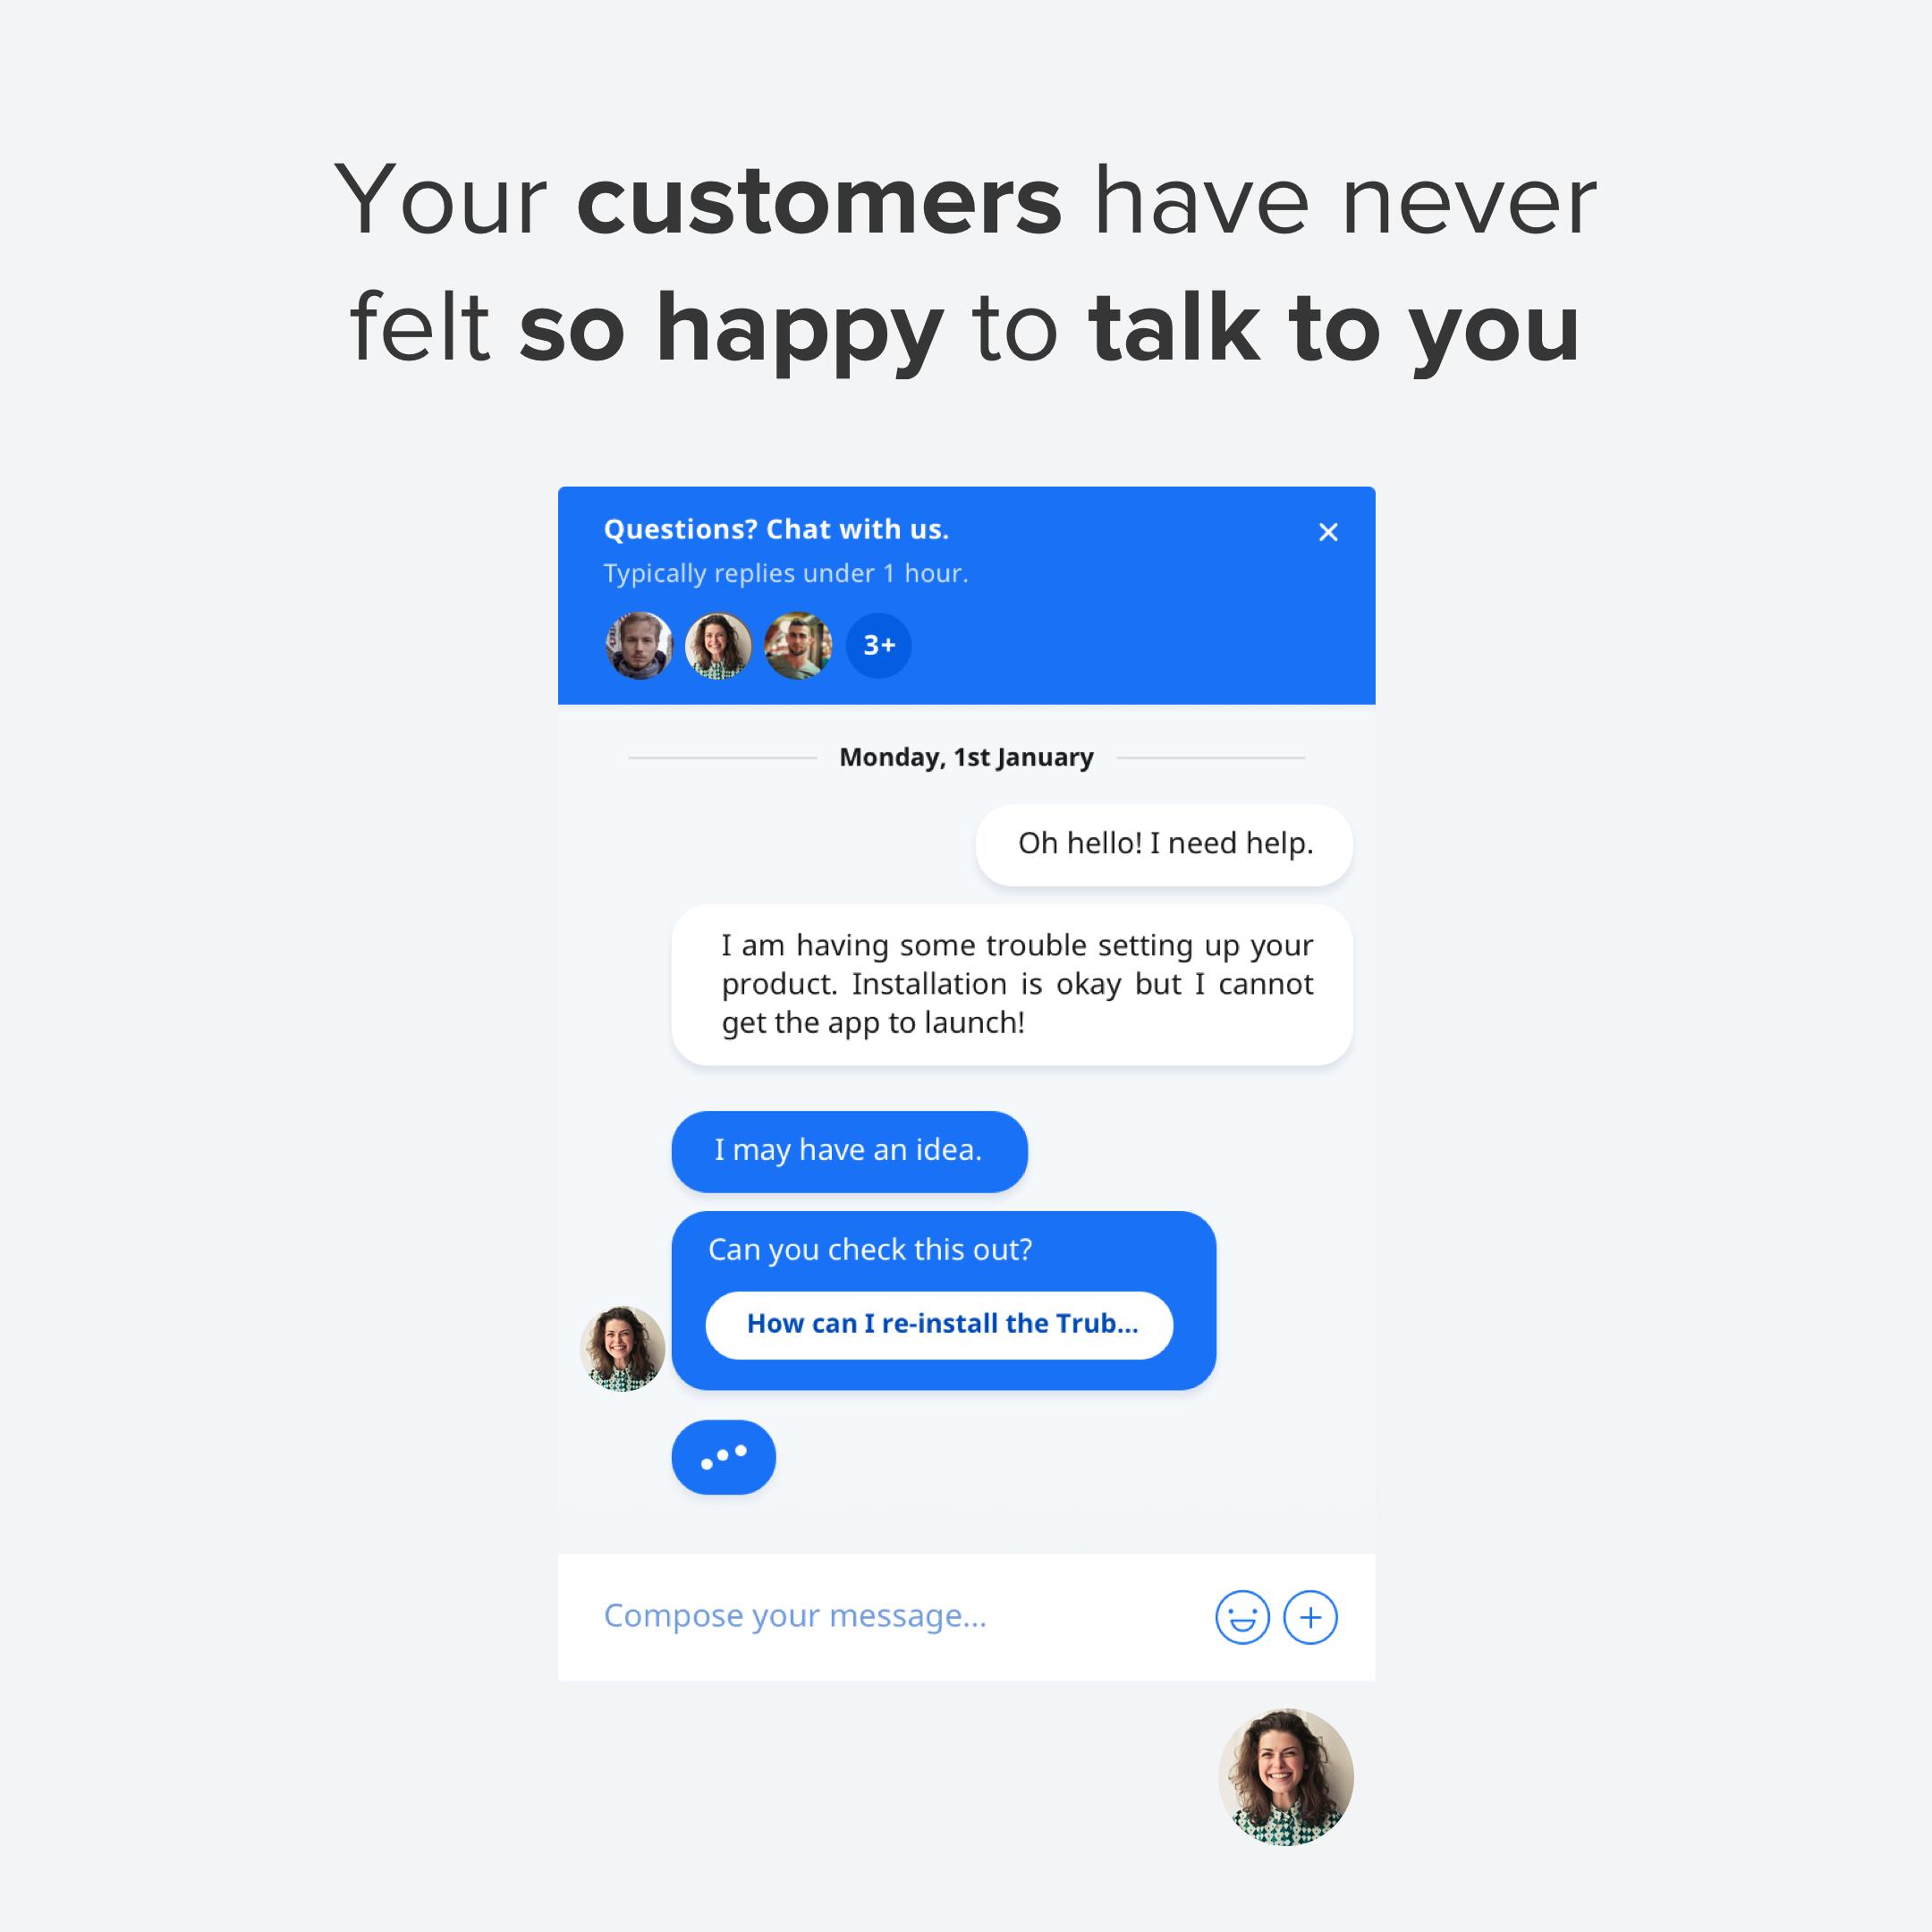 Vos clients sont heureux